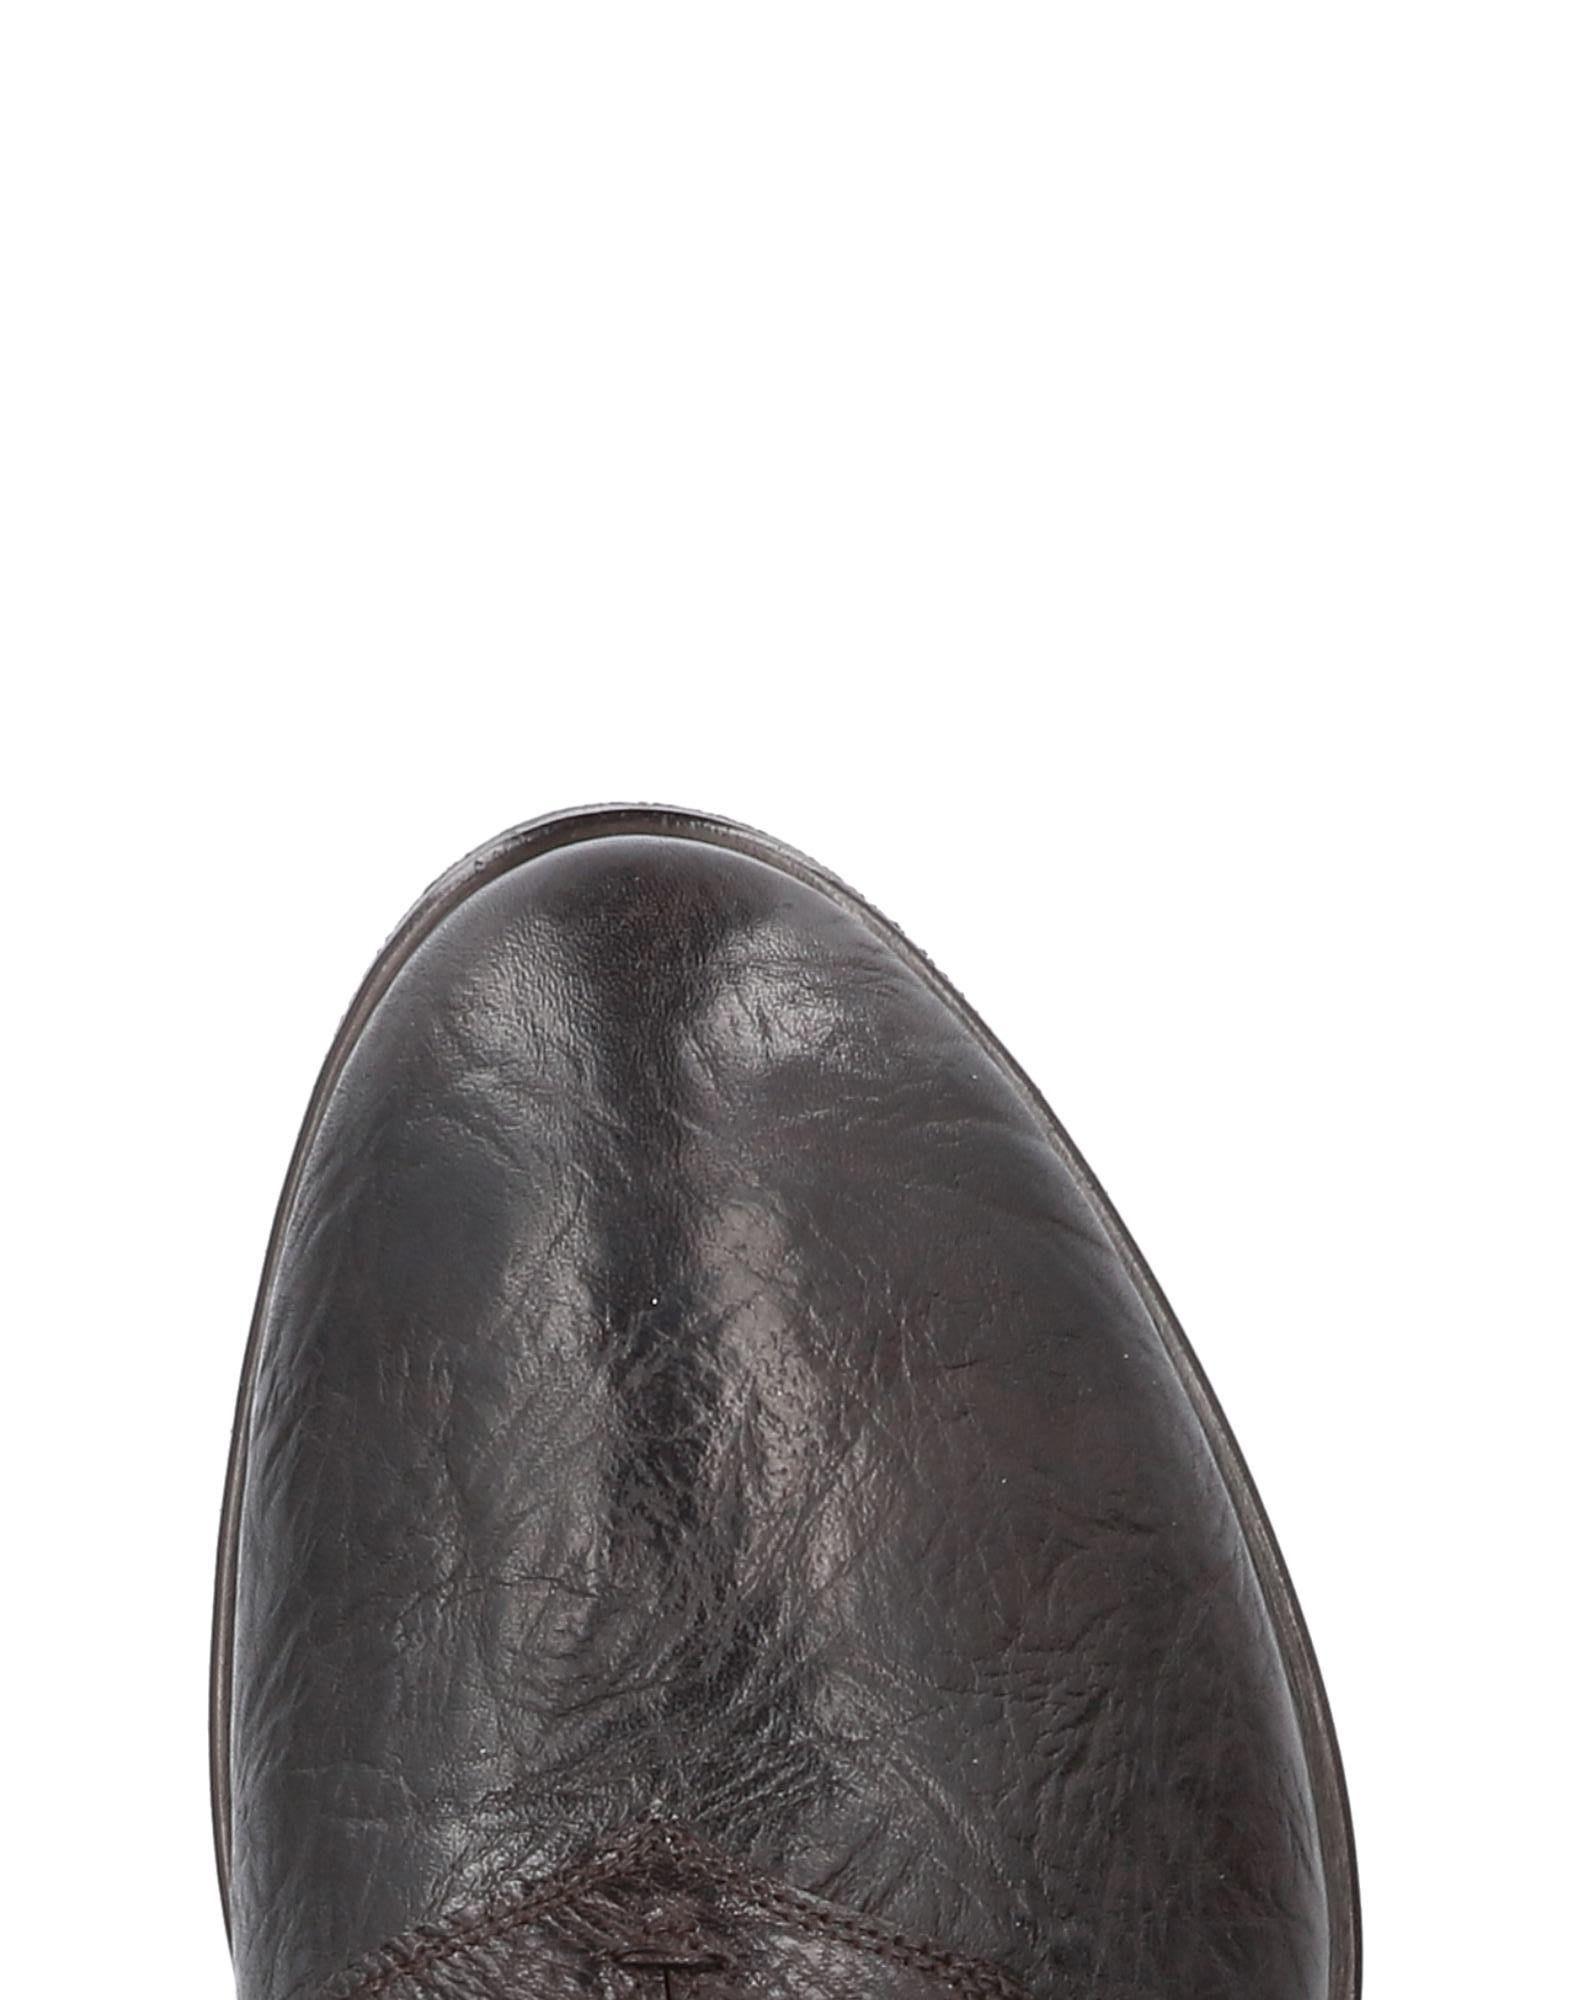 Raparo Schnürschuhe Herren Schuhe  11475283QF Heiße Schuhe Herren 16fa4b